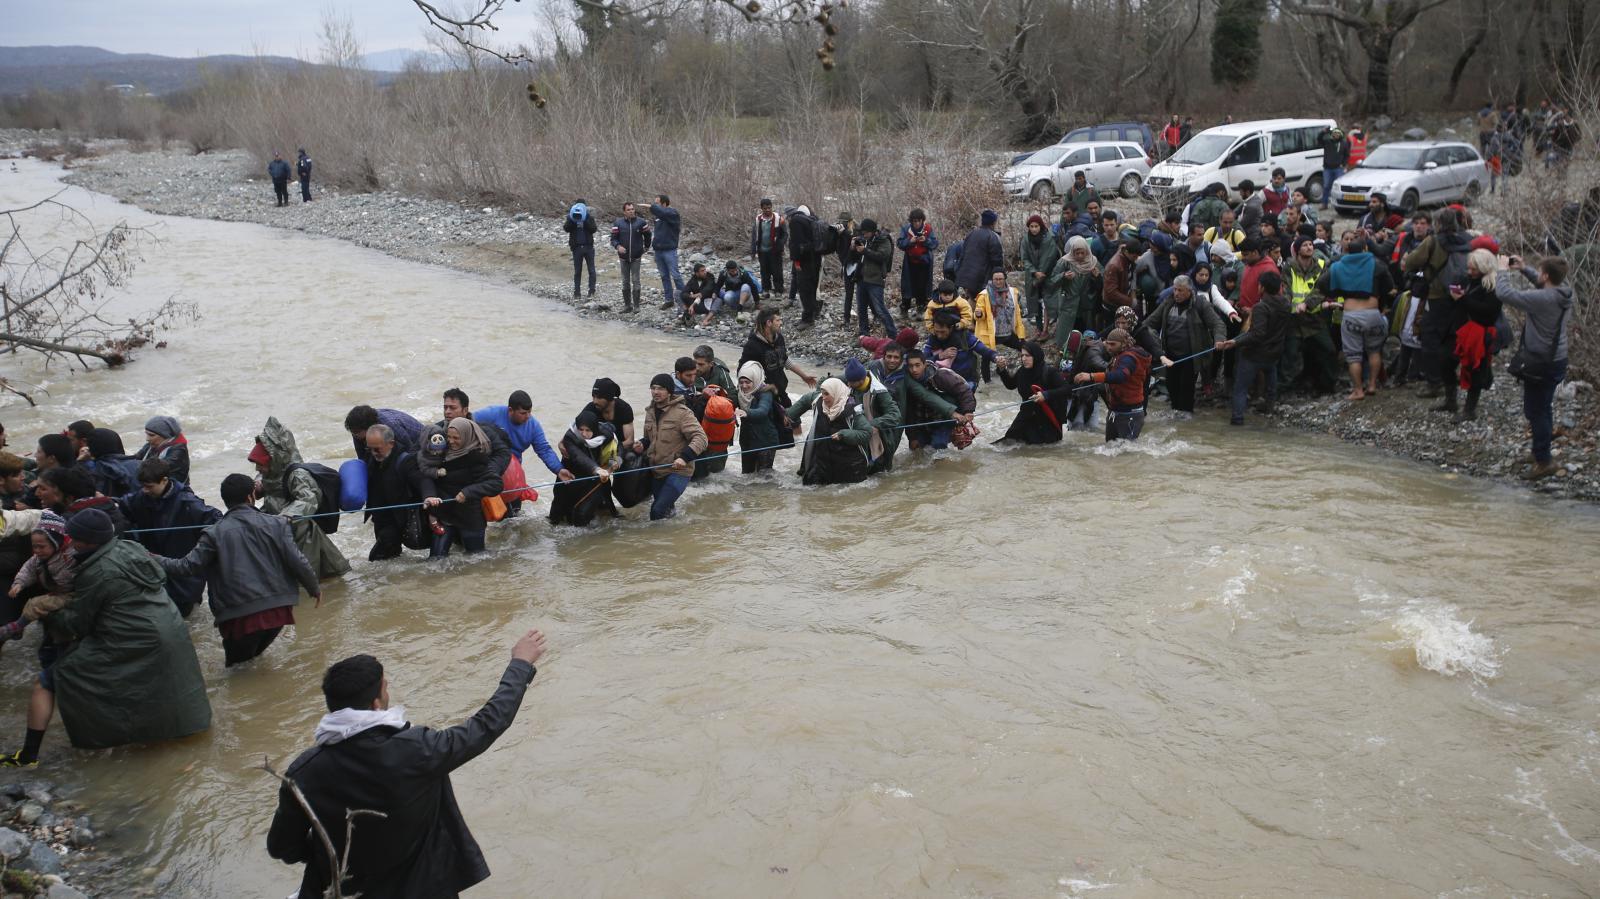 Uprchlíci a dobrovolníci vytvořili živý řetěz přes řeku u hranice Řecka a Makedonie